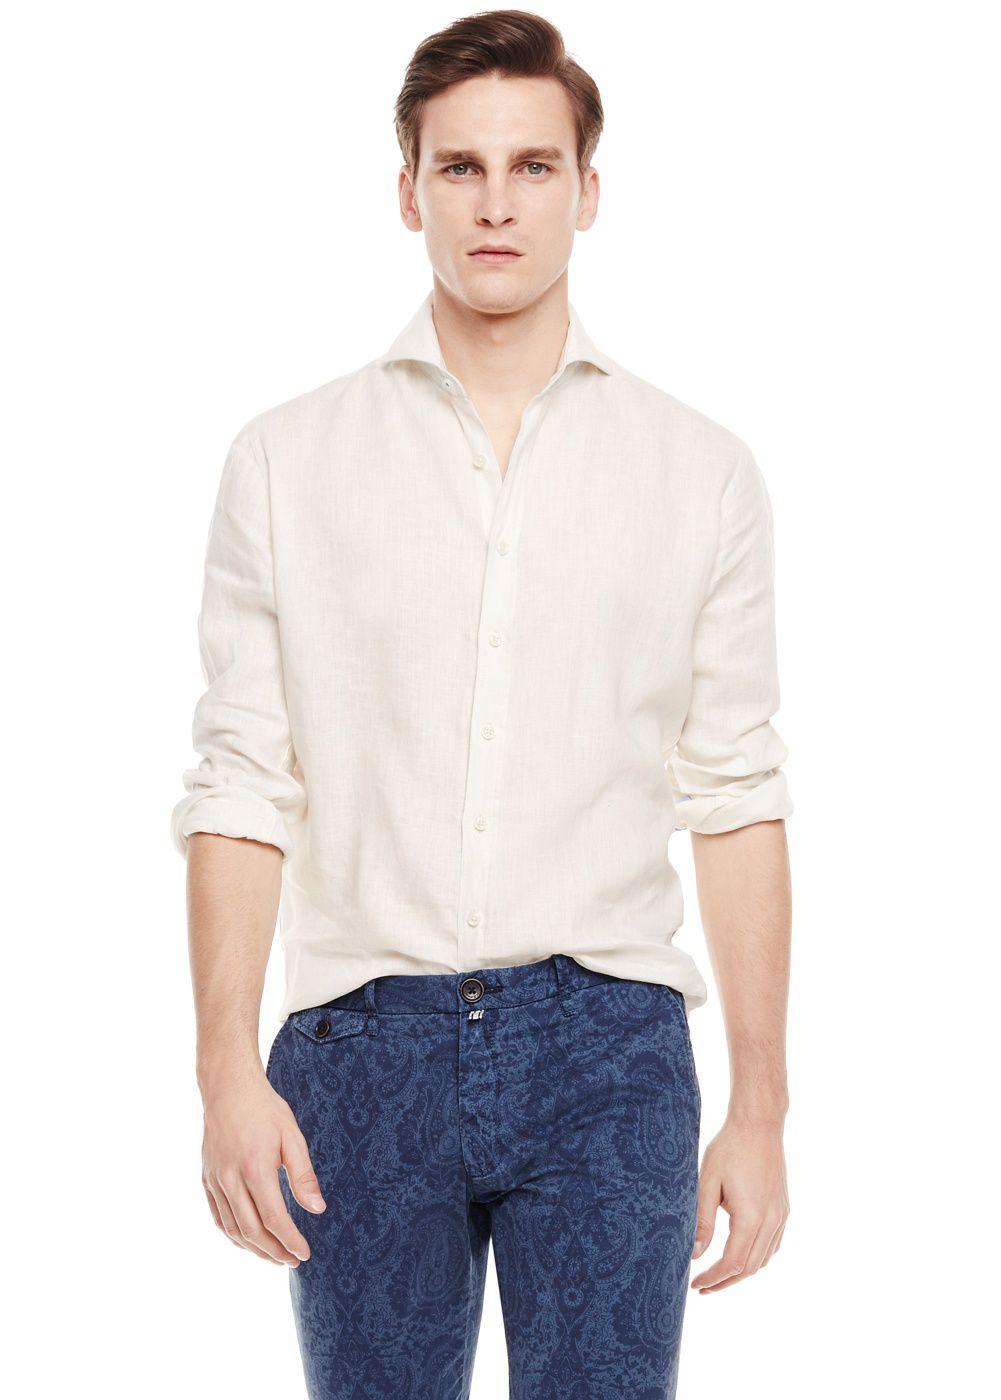 Mango slimfit linen shirt in white for men lyst for Slim fit white linen shirt